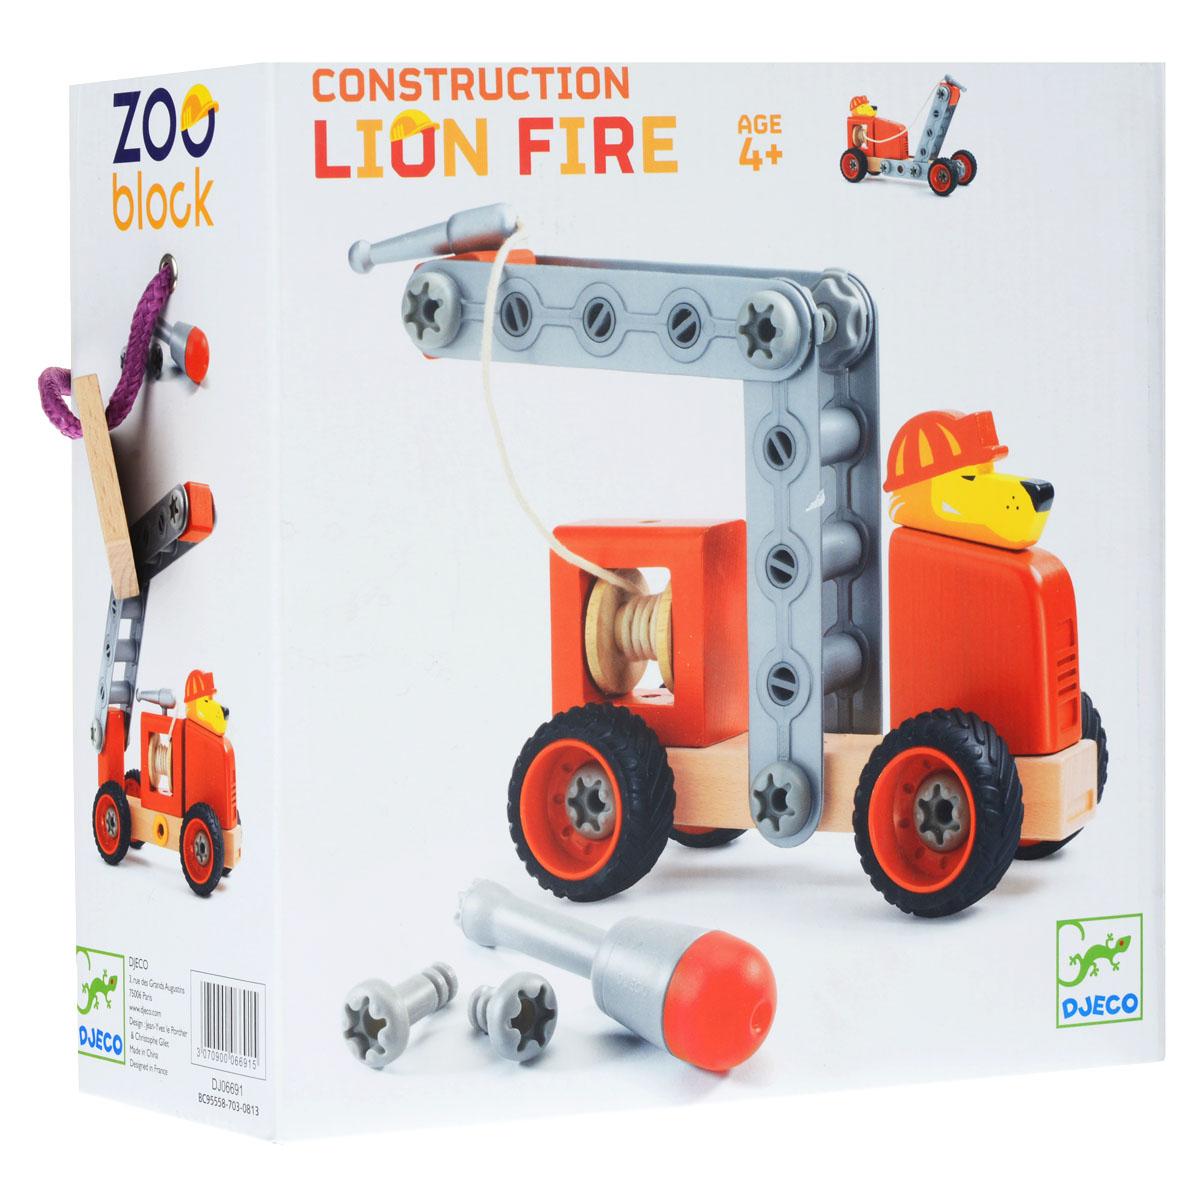 Djeco Конструктор-трансформер Лев пожарный06691Конструктор-трансформер Djeco Лев-пожарный понравится вашему малышу. Конструктор включает 35 элементов, из которых малыш сможет собрать несколько вариантов пожарной машины, которой управляет лев. Помогут ему в этом отвертка и схематичная инструкция, которые также входят в комплект. Элементы конструктора выполнены из дерева и пластика и имеют удобную для детских ручек форму. Они надежно крепятся друг к другу, так что игрушку можно не только собирать, но и играть с ней. Благодаря высочайшему качеству и прочным деталям с игрушкой прекрасно можно играть как дома, так и на улице. Детский конструктор Djeco Лев-пожарный развивает мелкую моторику рук, сообразительность и усидчивость ребенка.